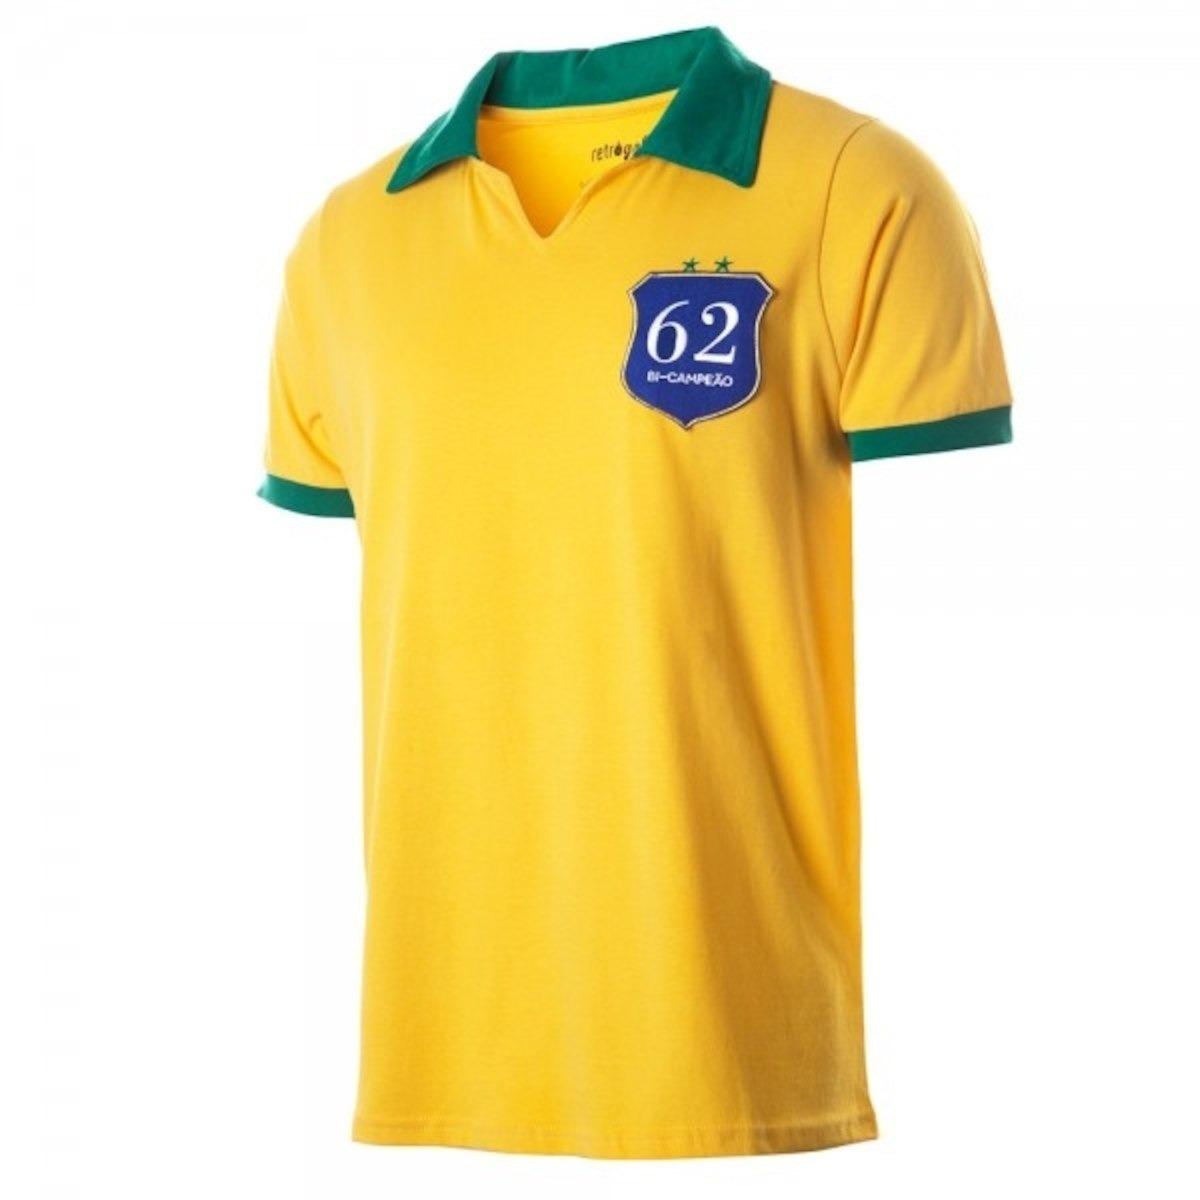 36cbd3734 polo brasil 1962 retrô gol - amarelo. Carregando zoom.